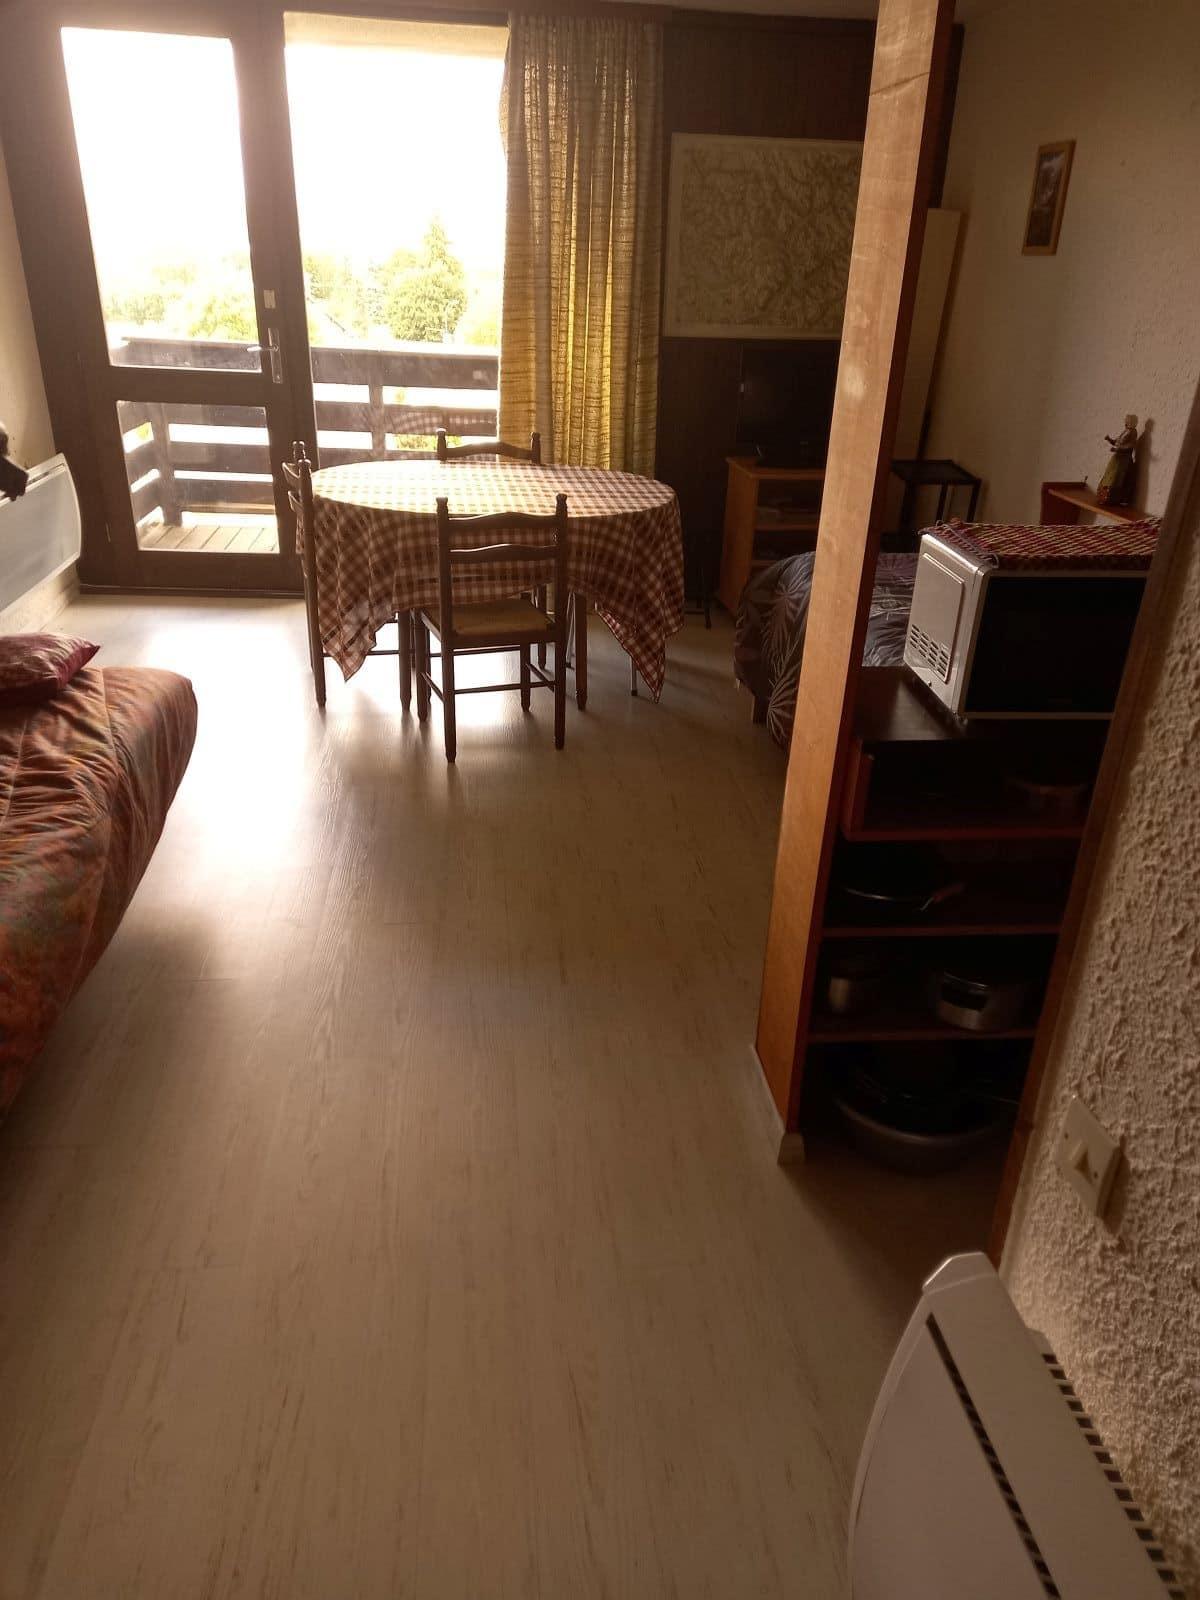 20210621 152842 - SAINT-LEGER-LES-MELEZES STUDIO DE 20 m² (4 COUCHAGES) A PROXIMITE DES PISTES DE SKI